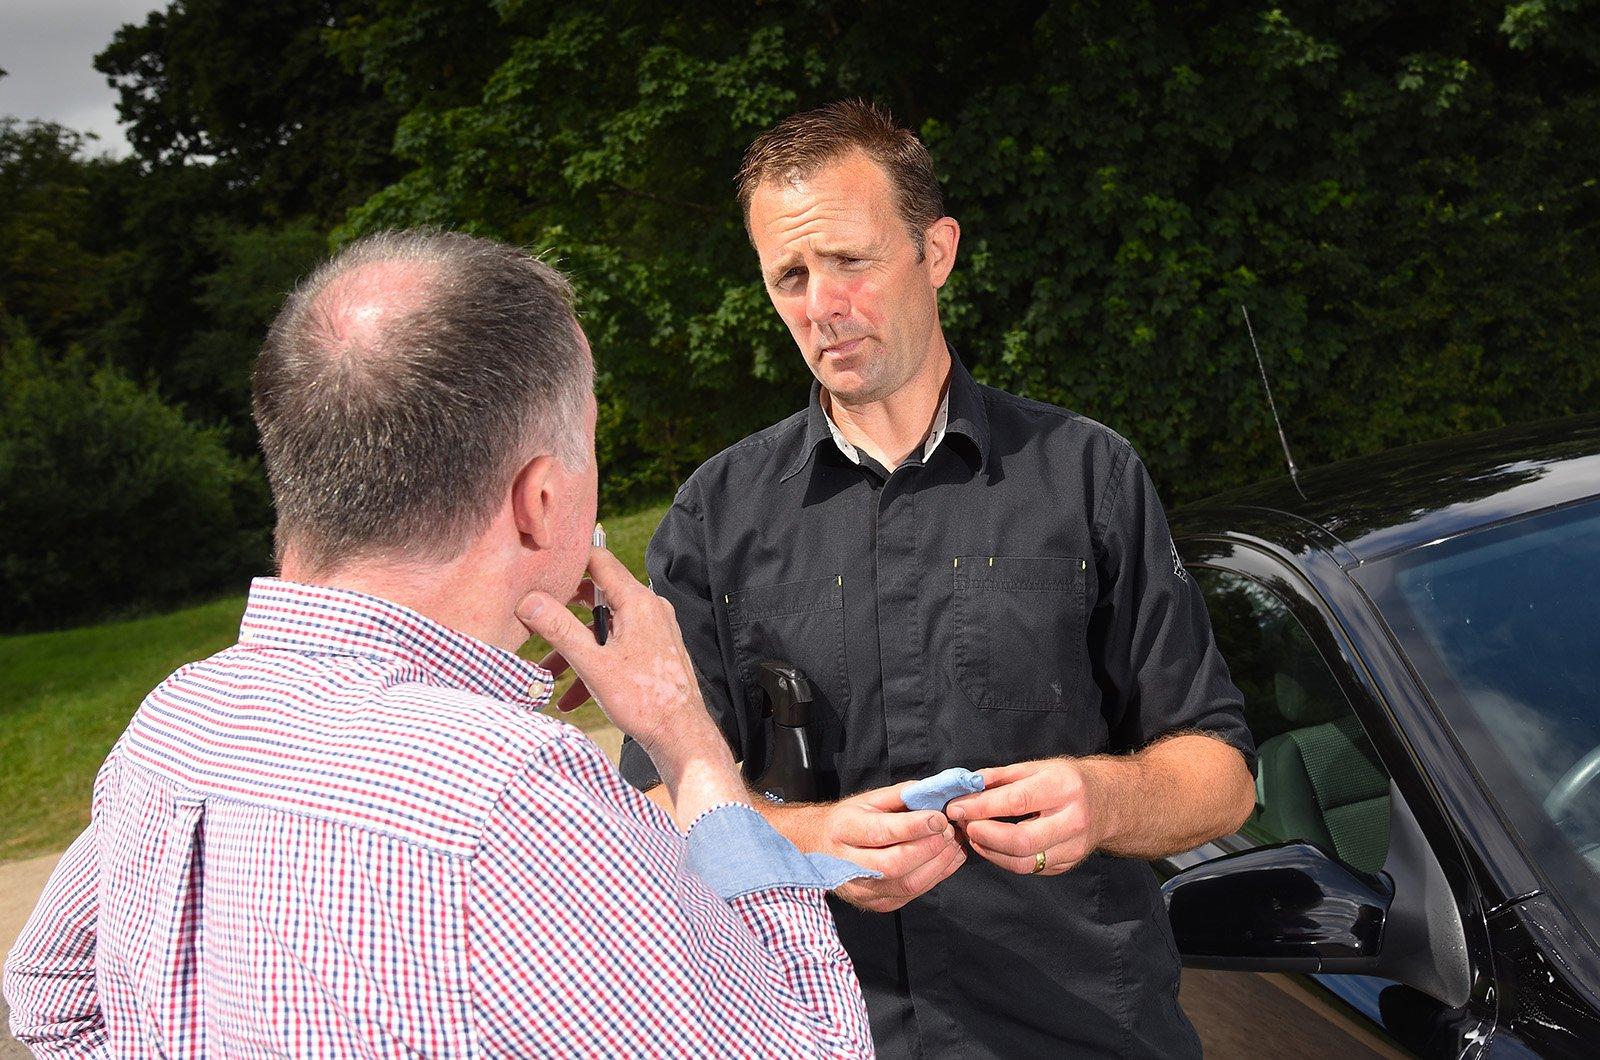 Car detailer talking to John